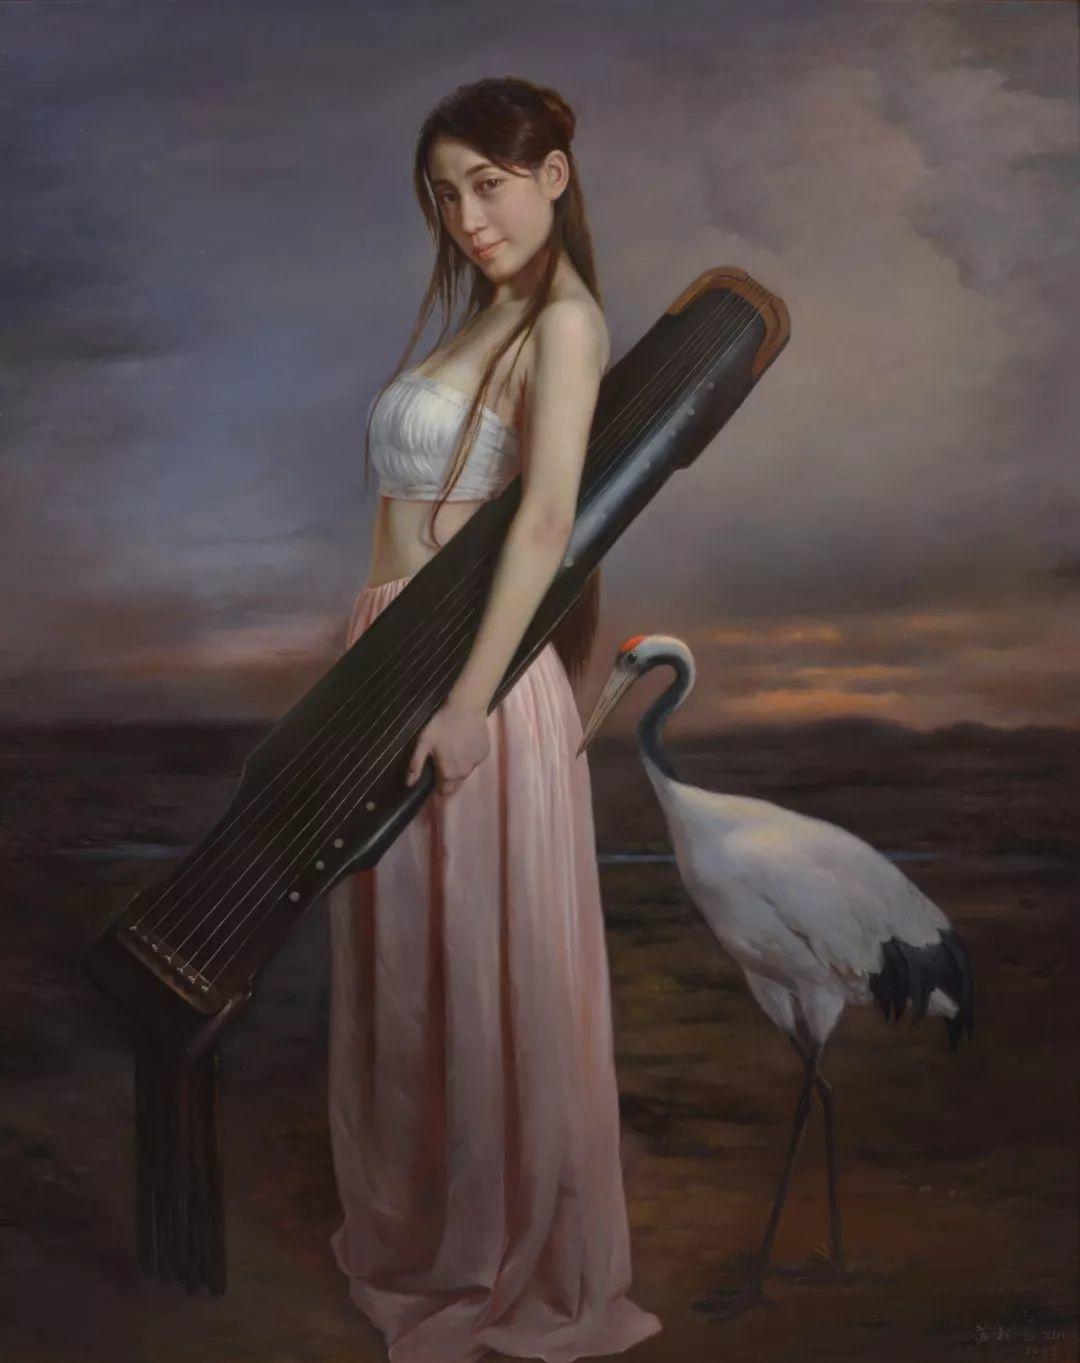 他画出绝美女子,每一幅都柔美个性,优雅自信插图7